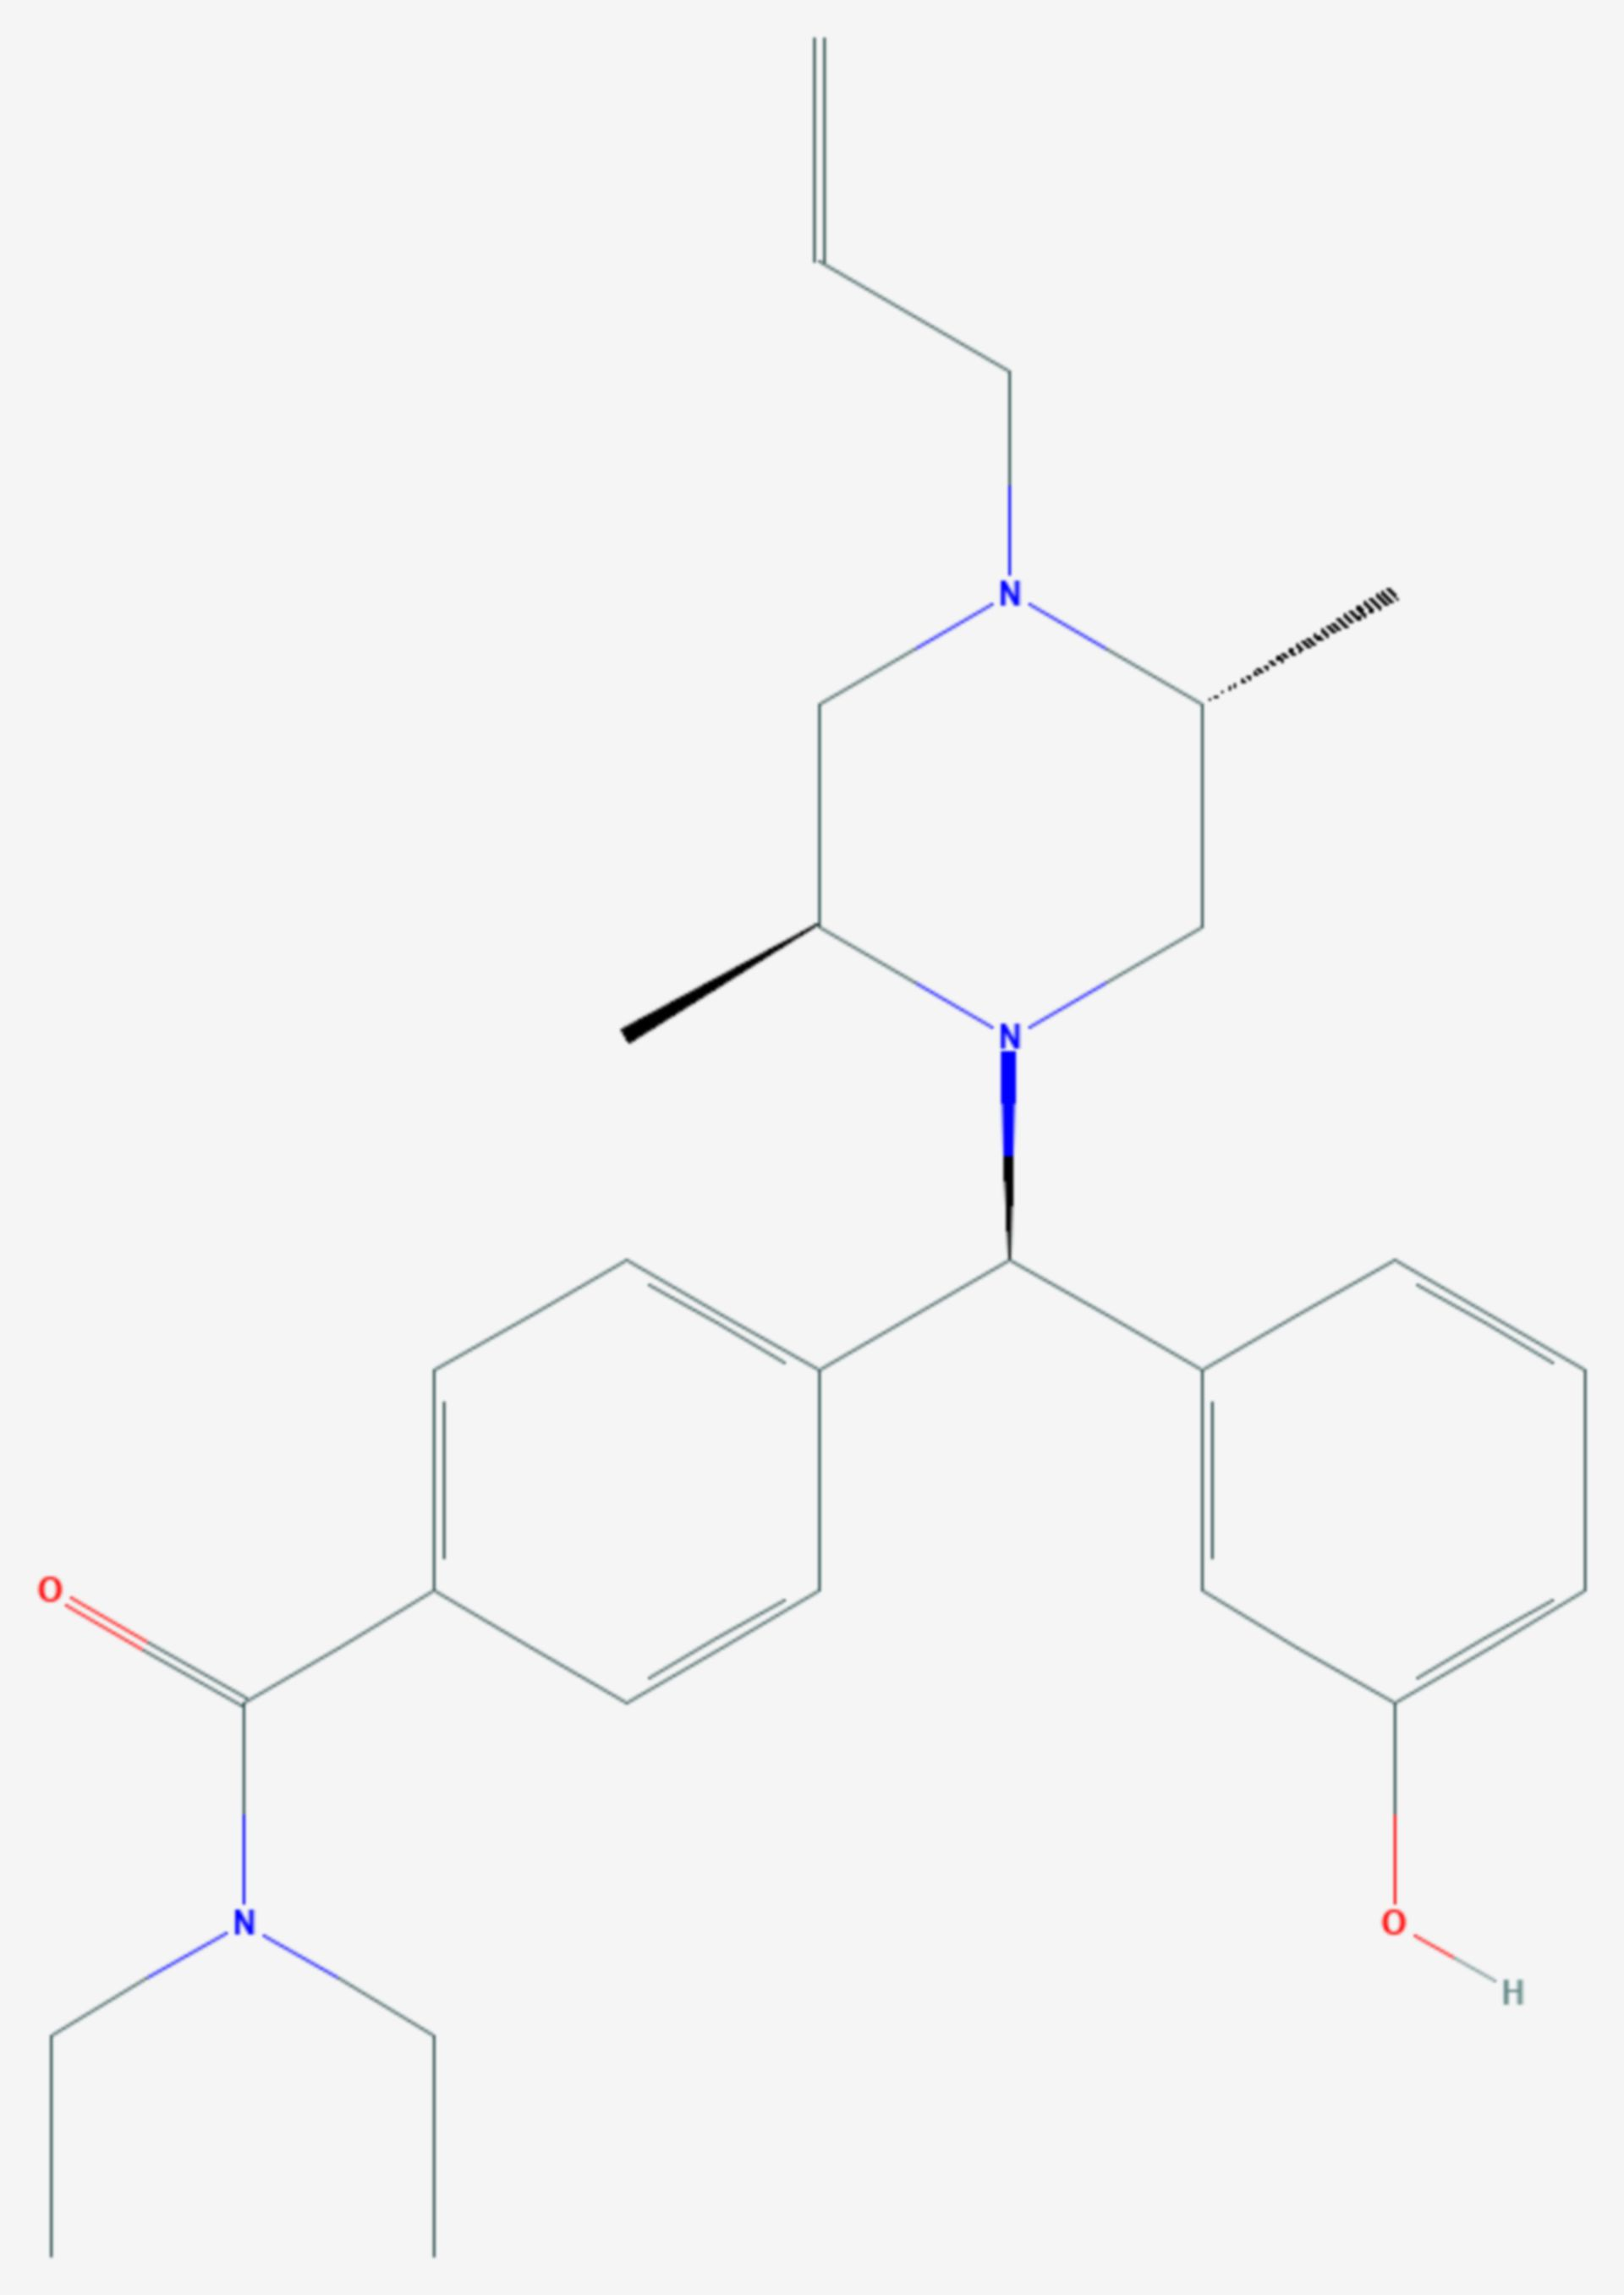 BW373U86 (Strukturformel)